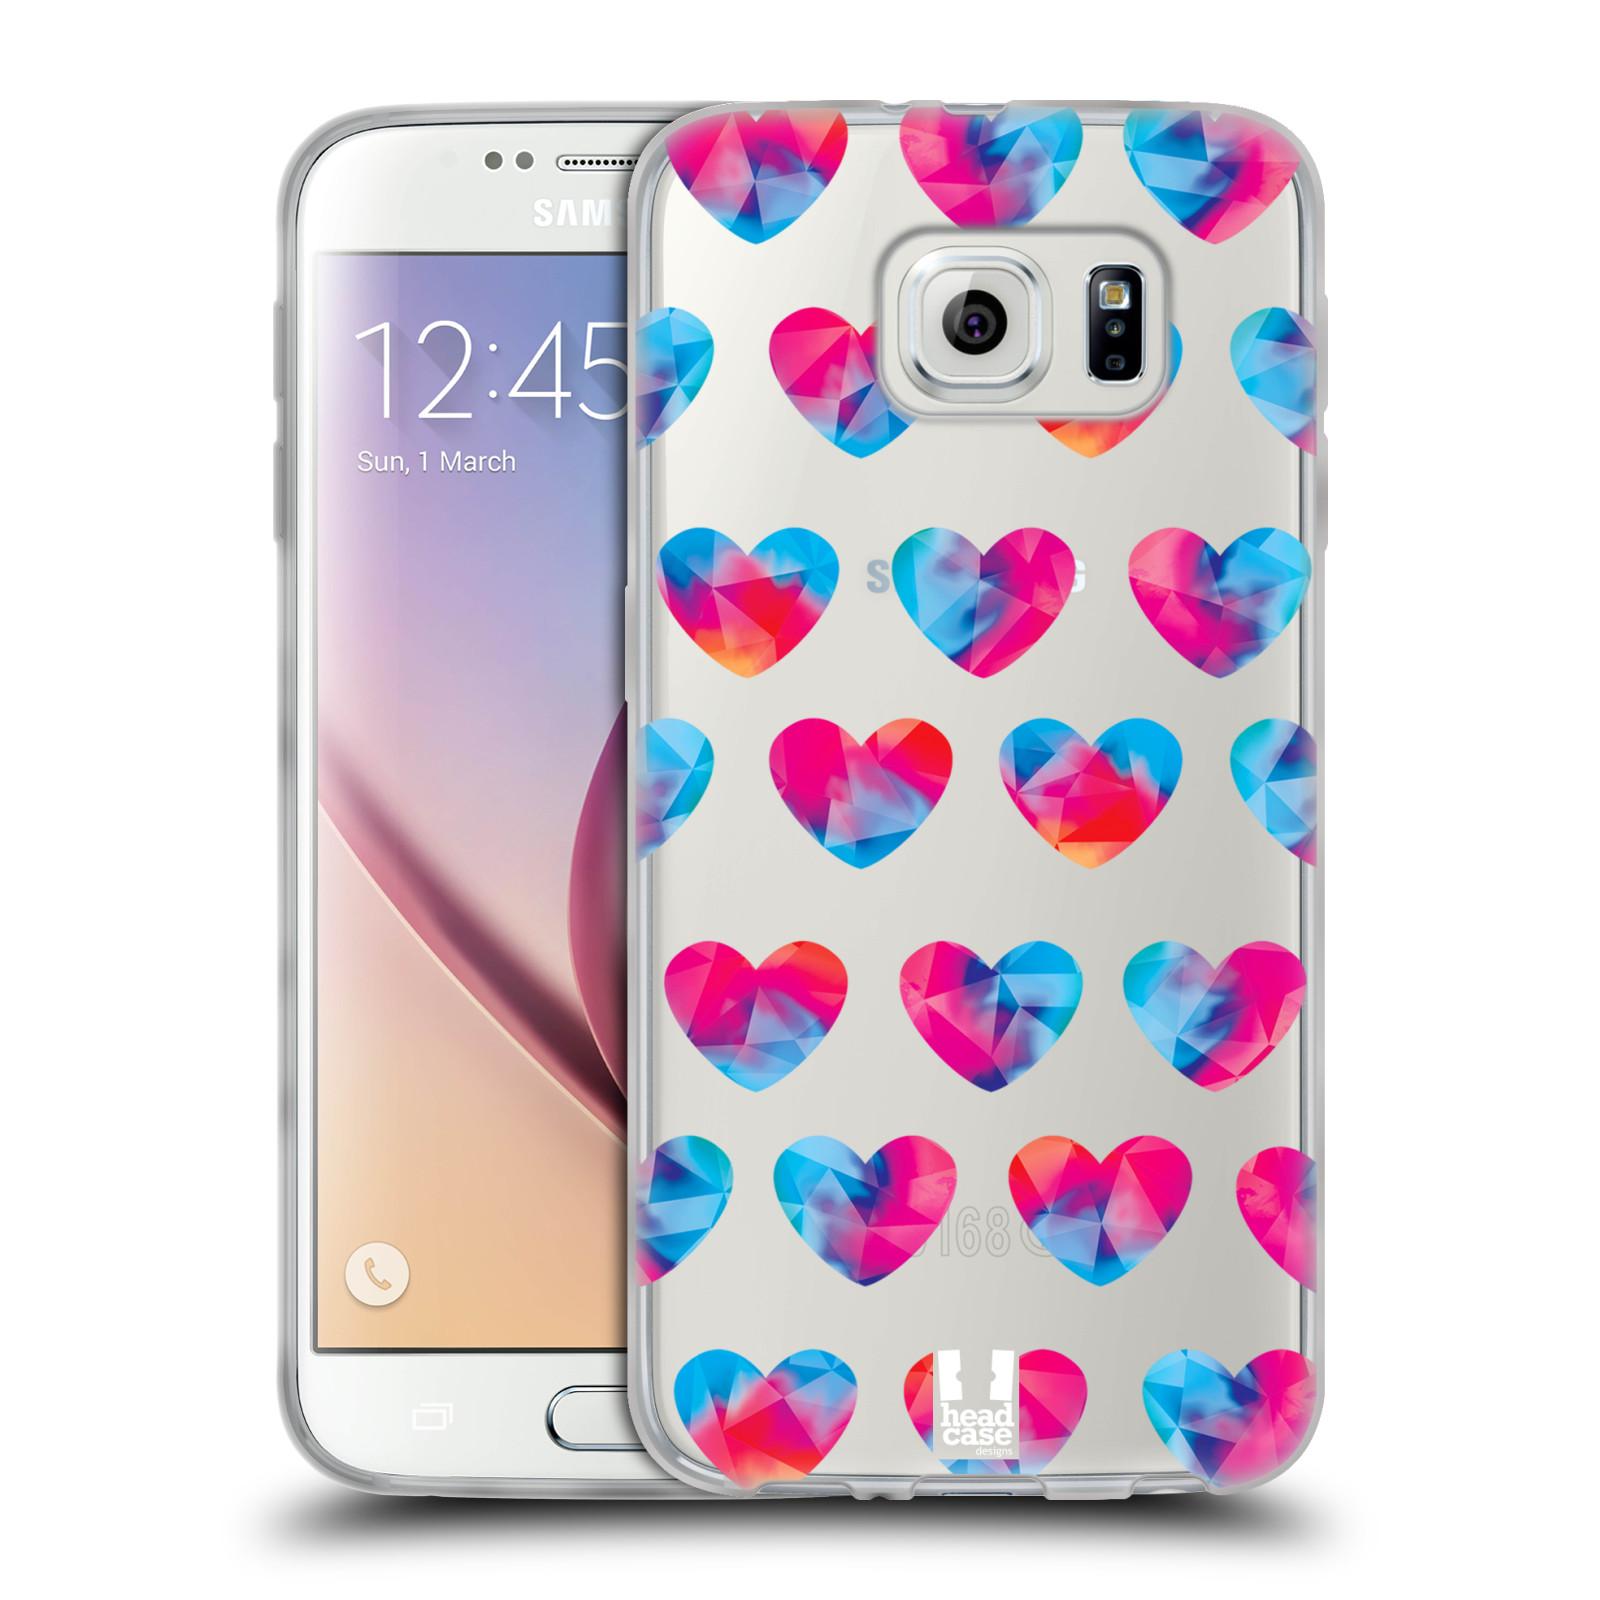 Silikonové pouzdro na mobil Samsung Galaxy S6 - Head Case - Srdíčka hrající barvami